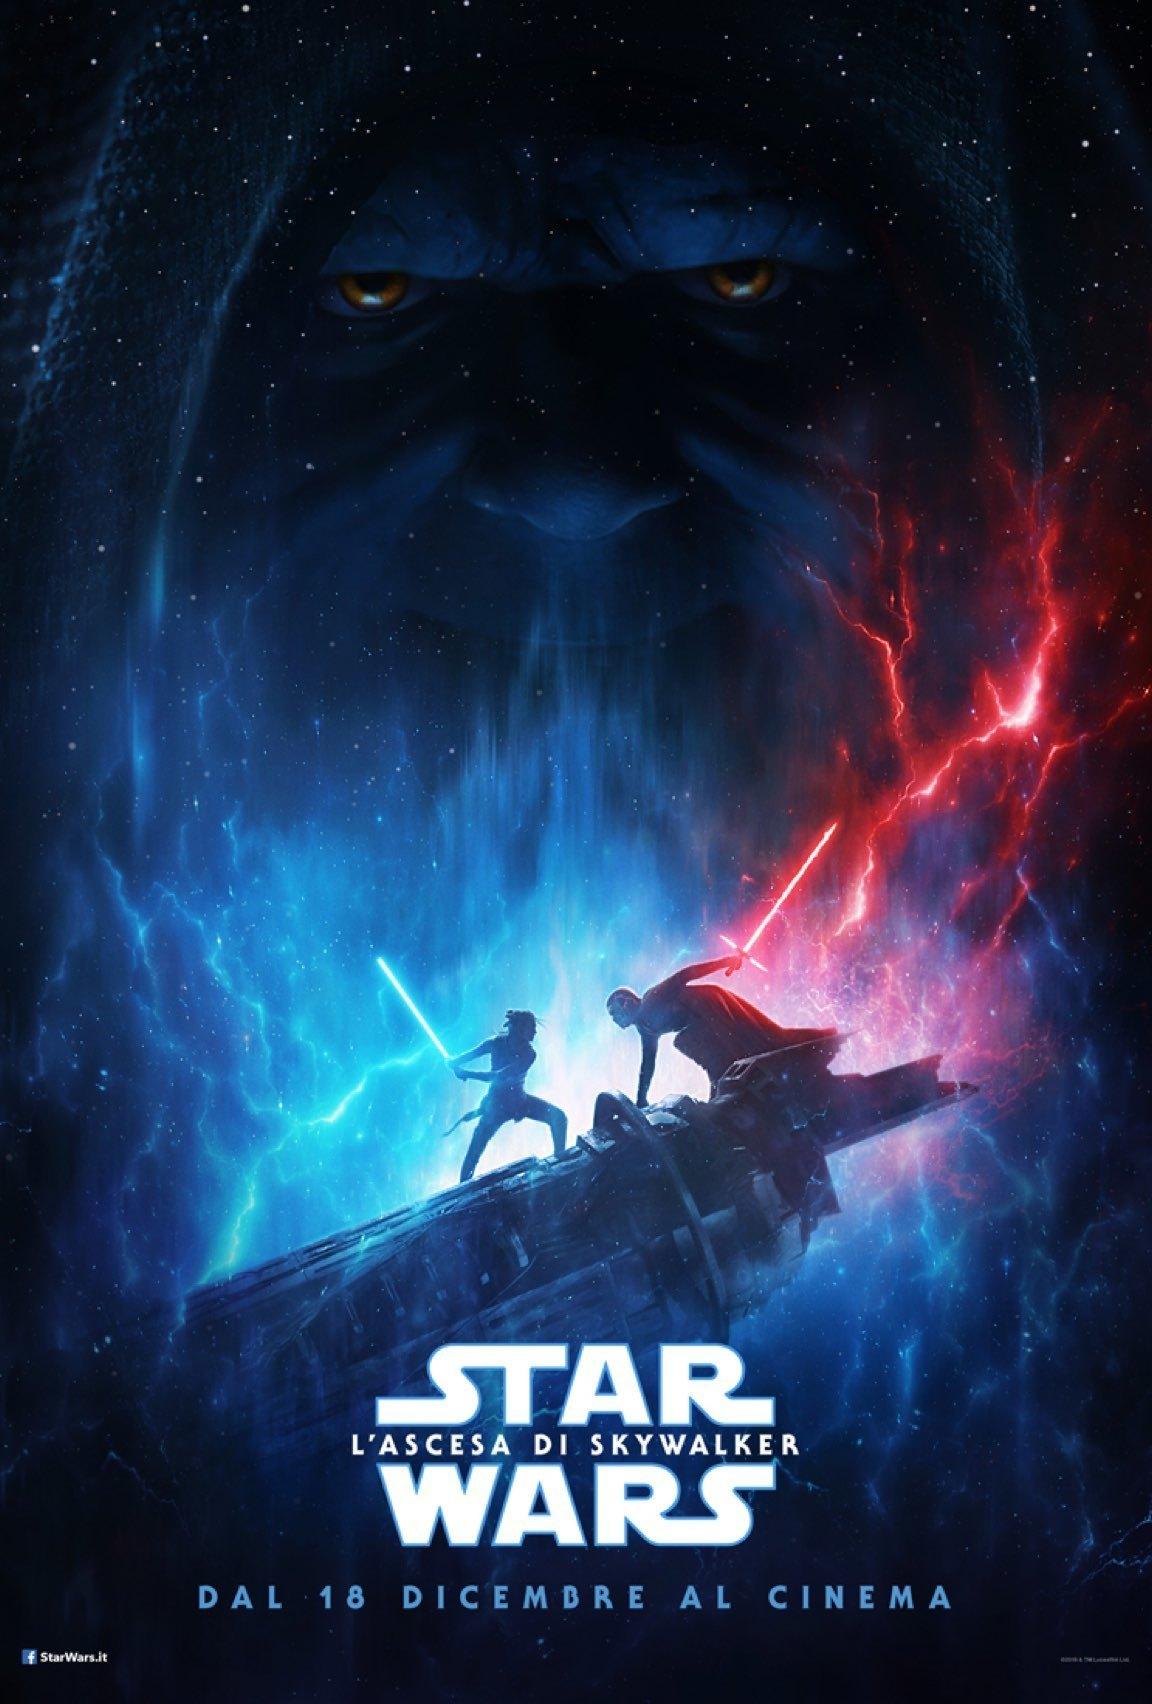 Rey e Kylo Ren combattono con le spade laser, con il volto dell'Imperatore Palpatine sullo sfondo